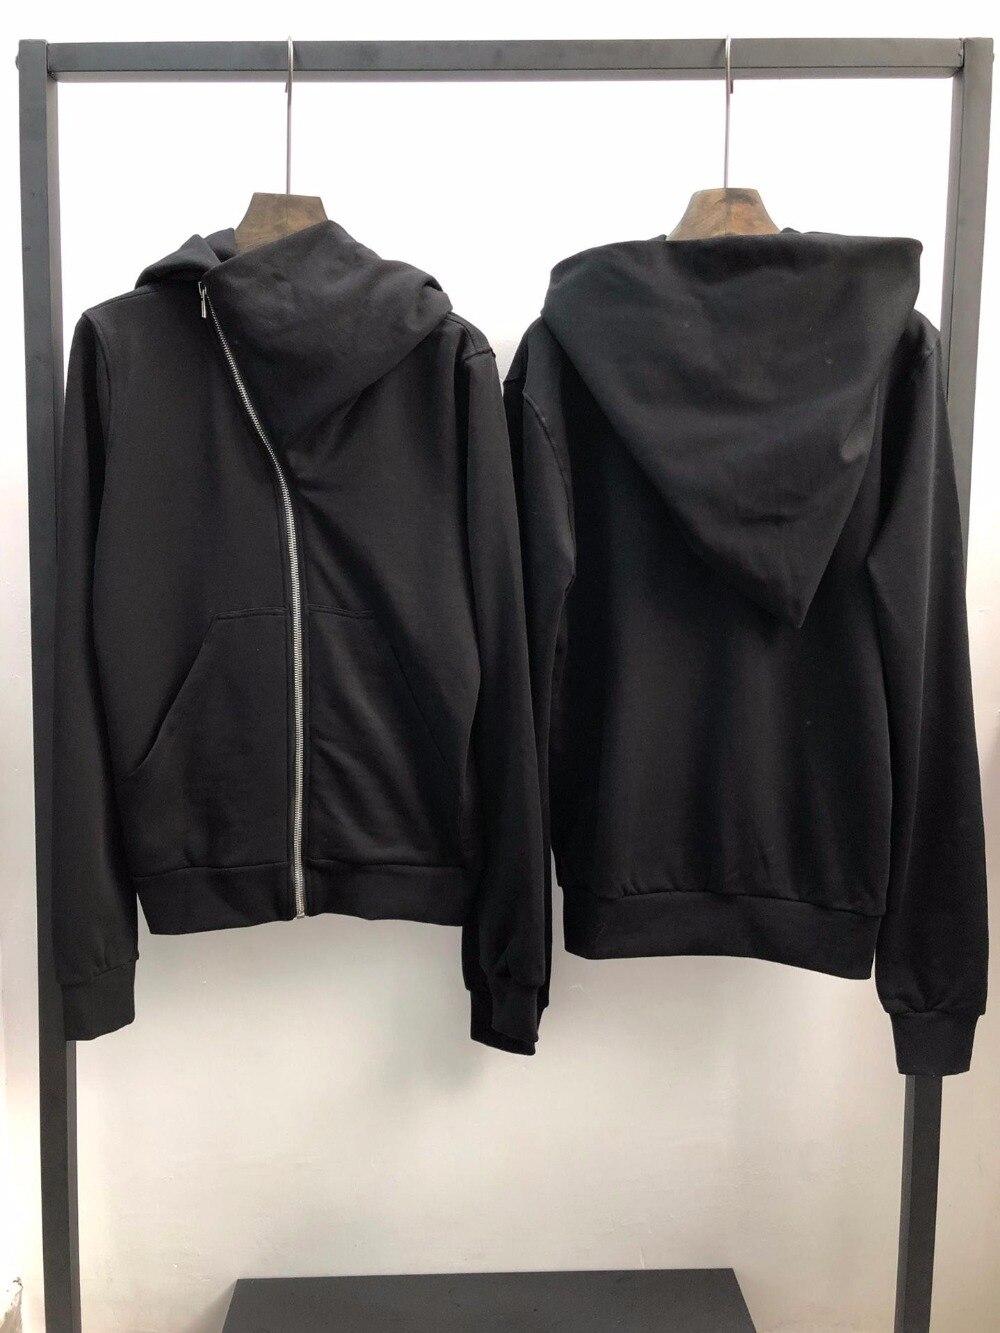 Owen seak hommes sweats capuches gothique Ro Style vêtements pour hommes classique printemps femmes solide pull à capuche noir Sweatshirts taille XL-in Sweats à capuche et sweat-shirts from Vêtements homme    1